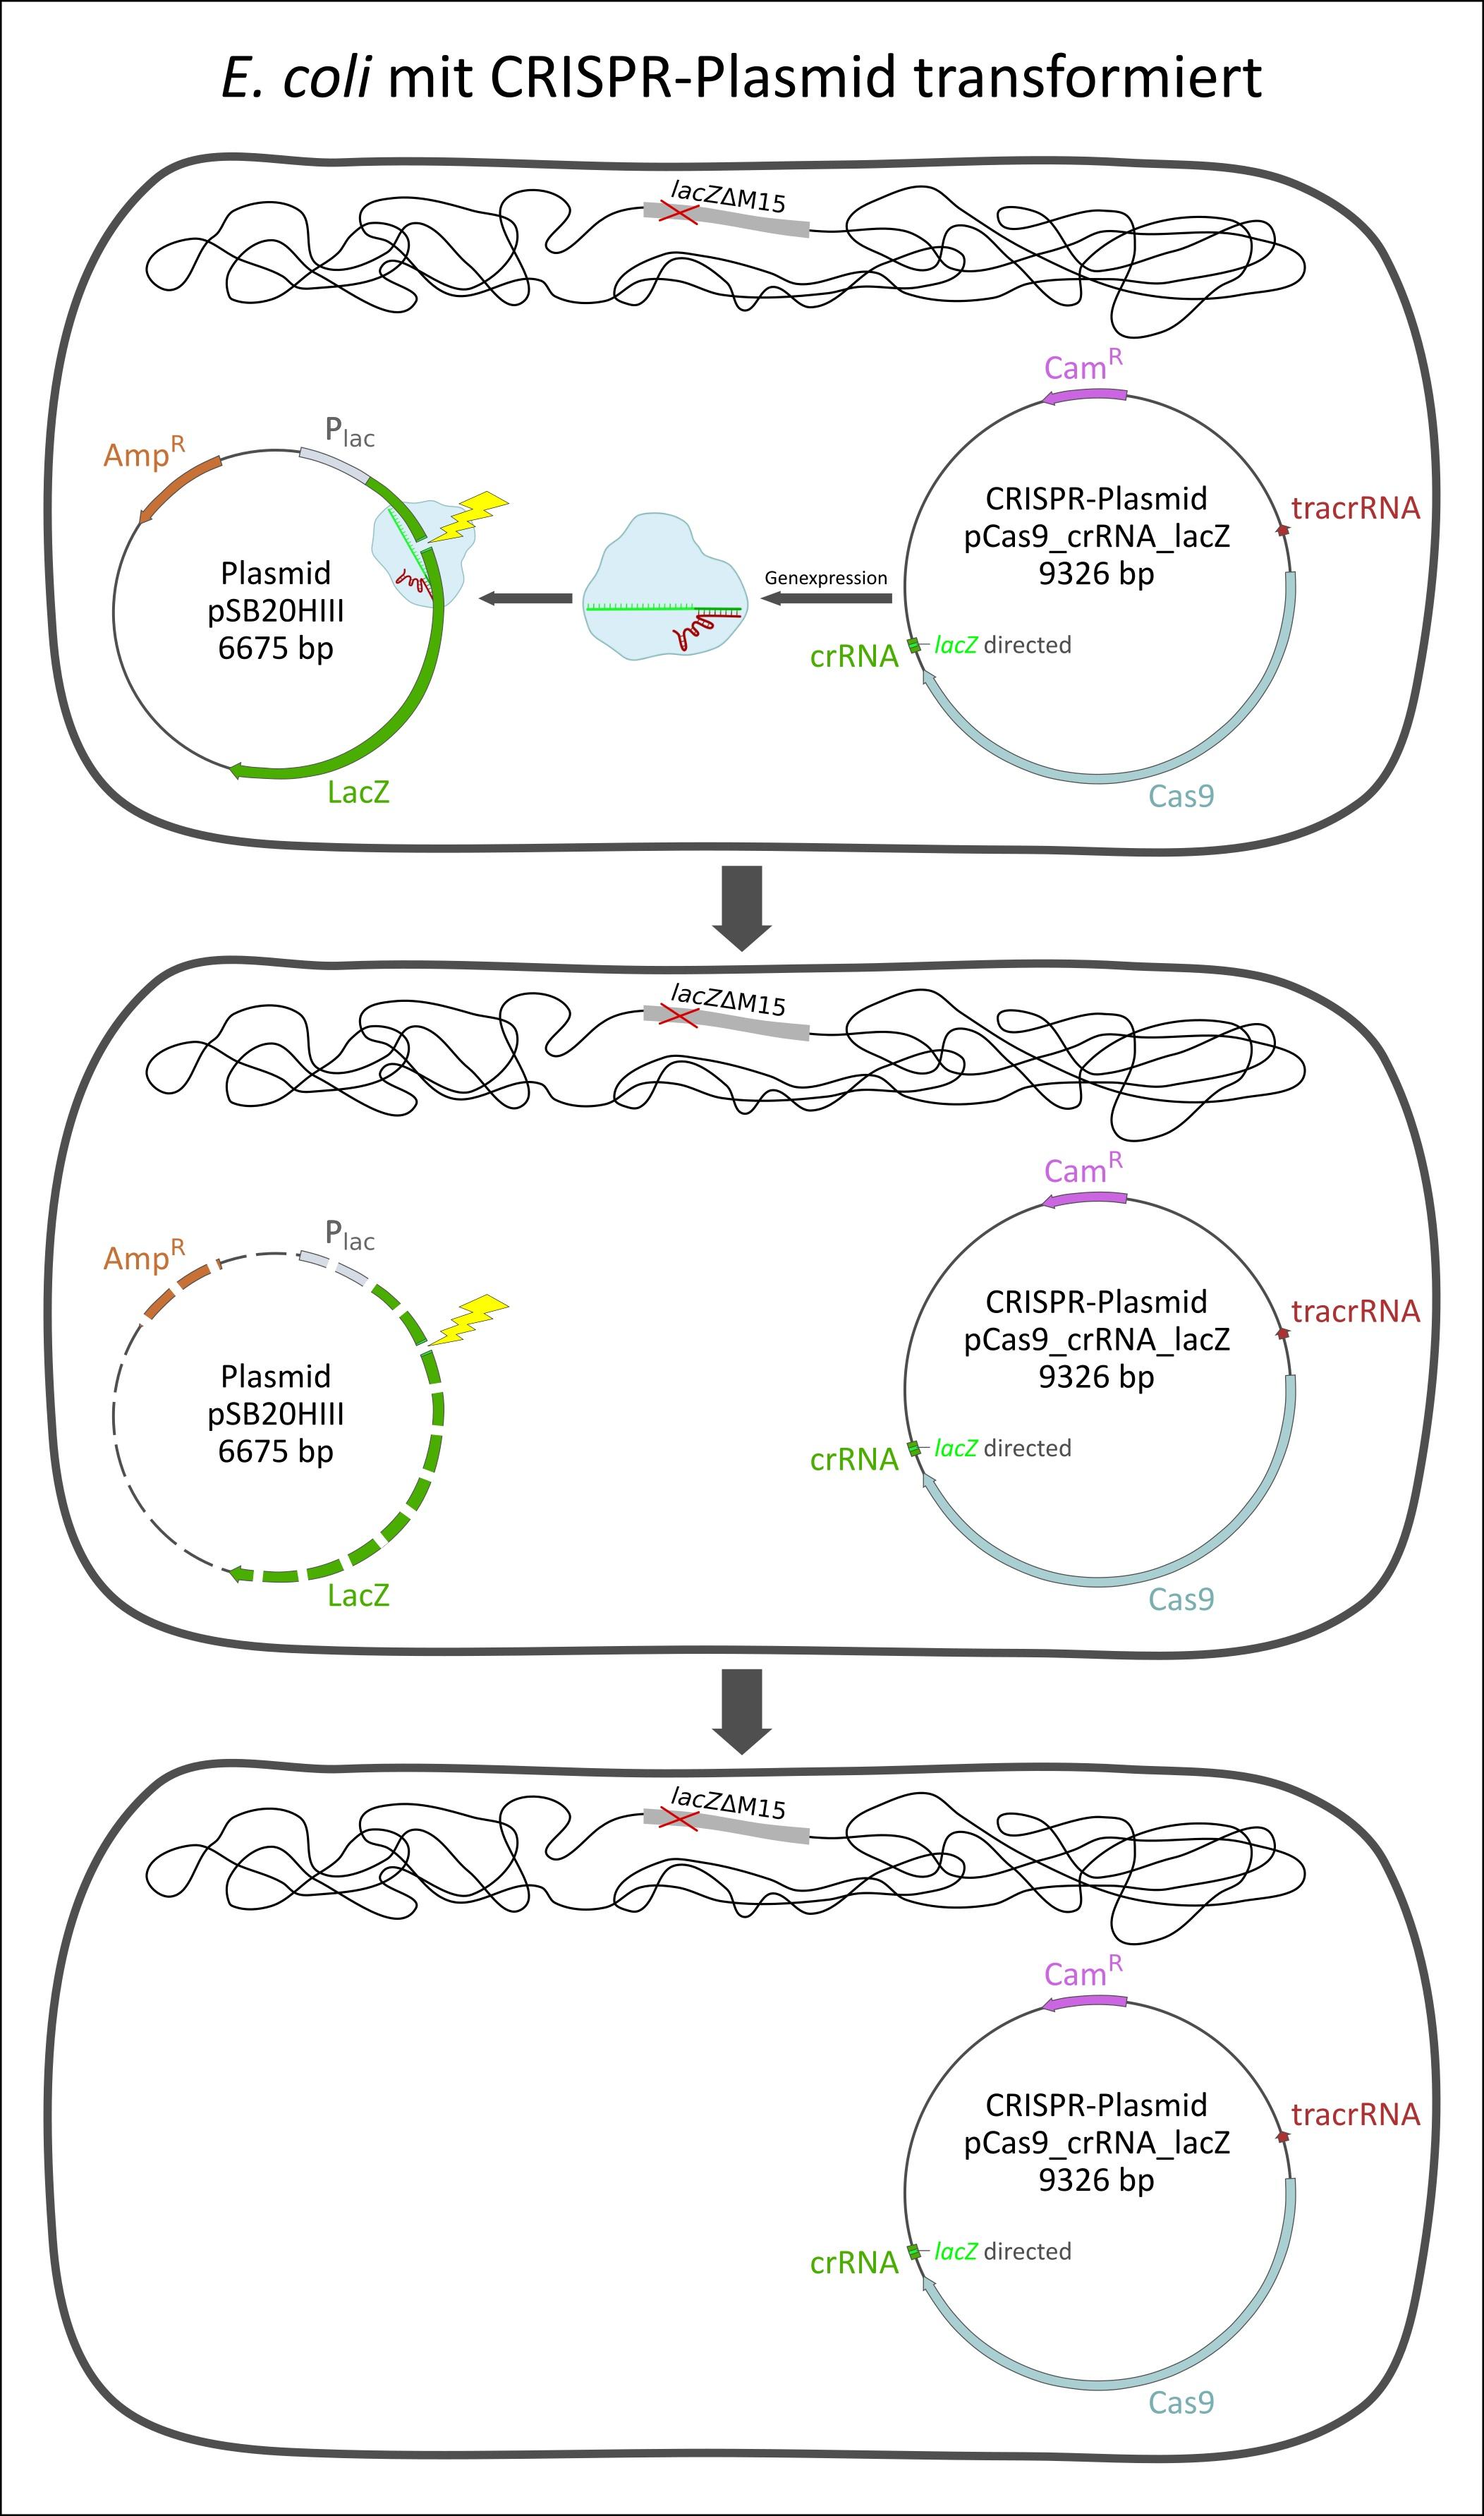 Bakterienzelle mit CRISPR-Plasmid